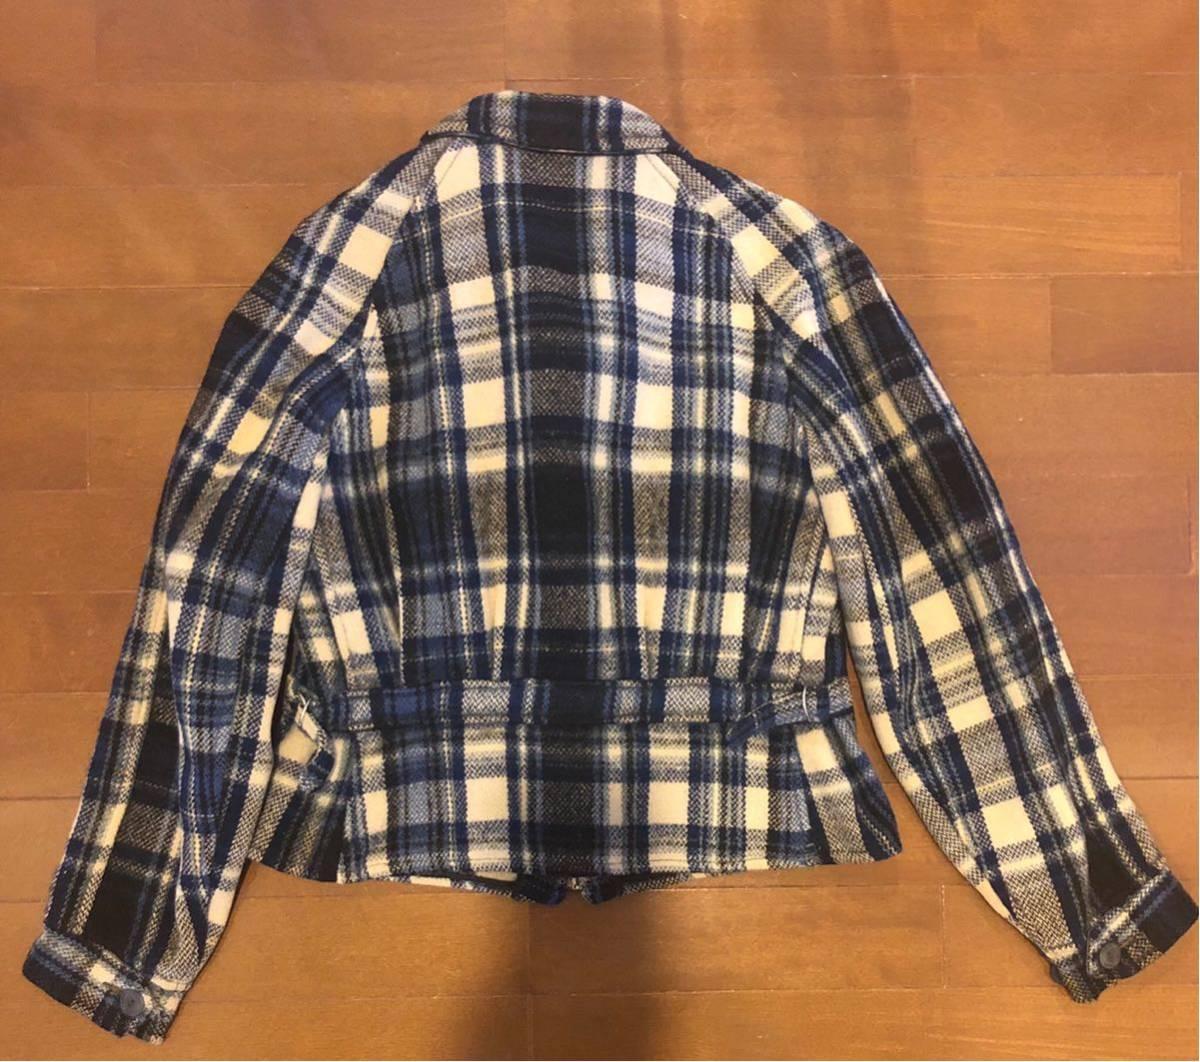 30's ヴィンテージ スポーツジャケット Gordon コの字 ハトメ TALON チェック ウール レディース 30年代 / 40年代 40's_画像8